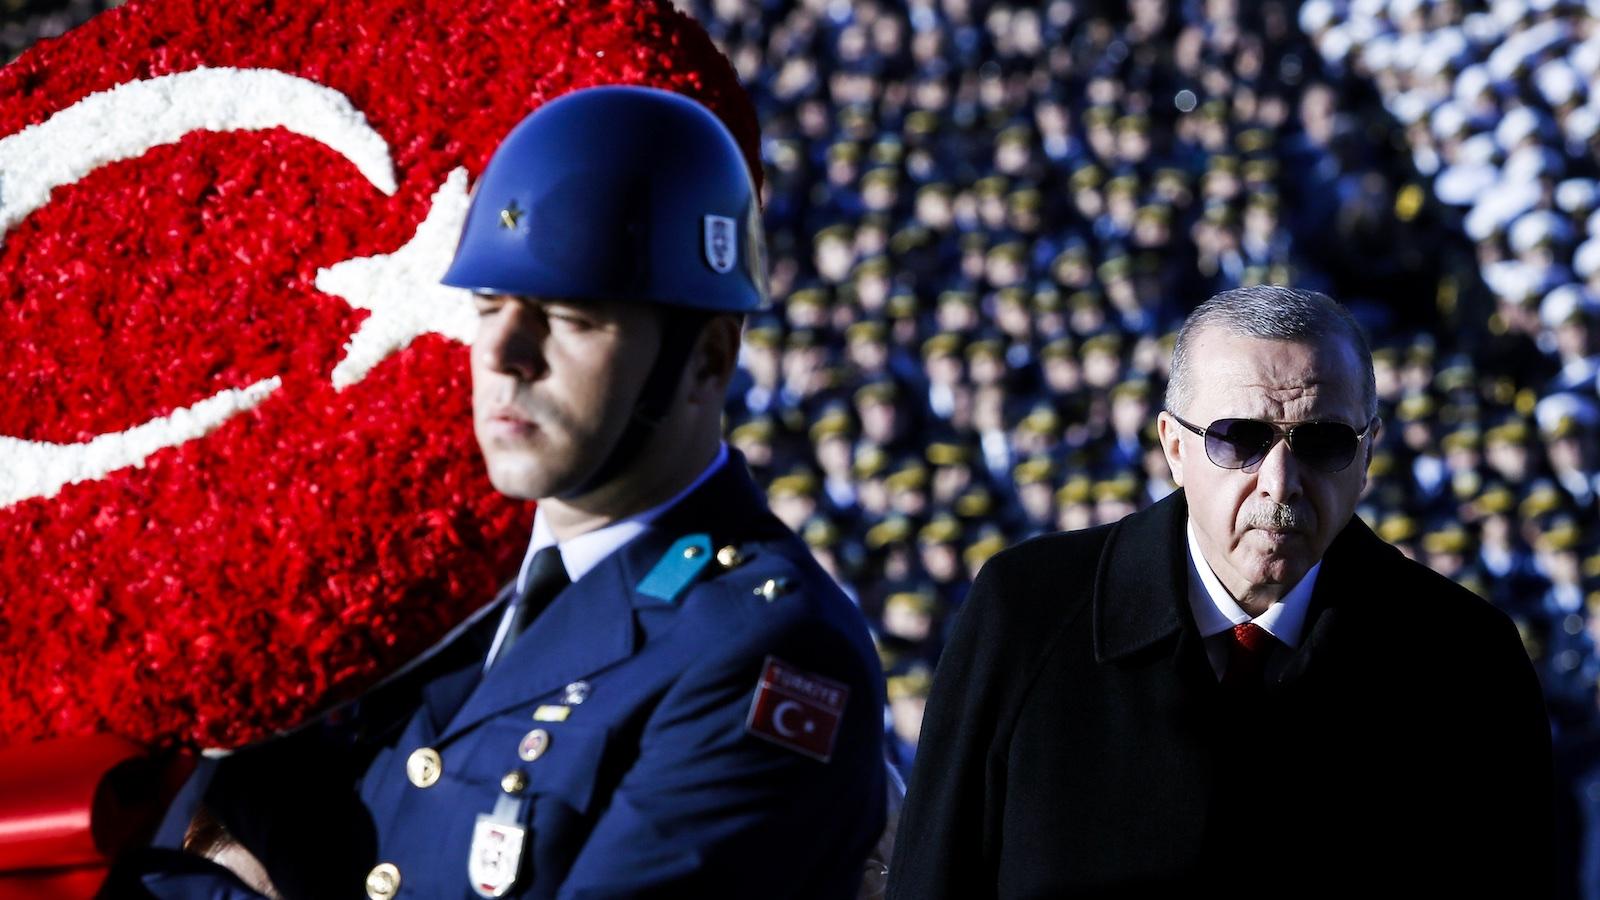 Emelkedő török félhold: a birodalom visszatér?